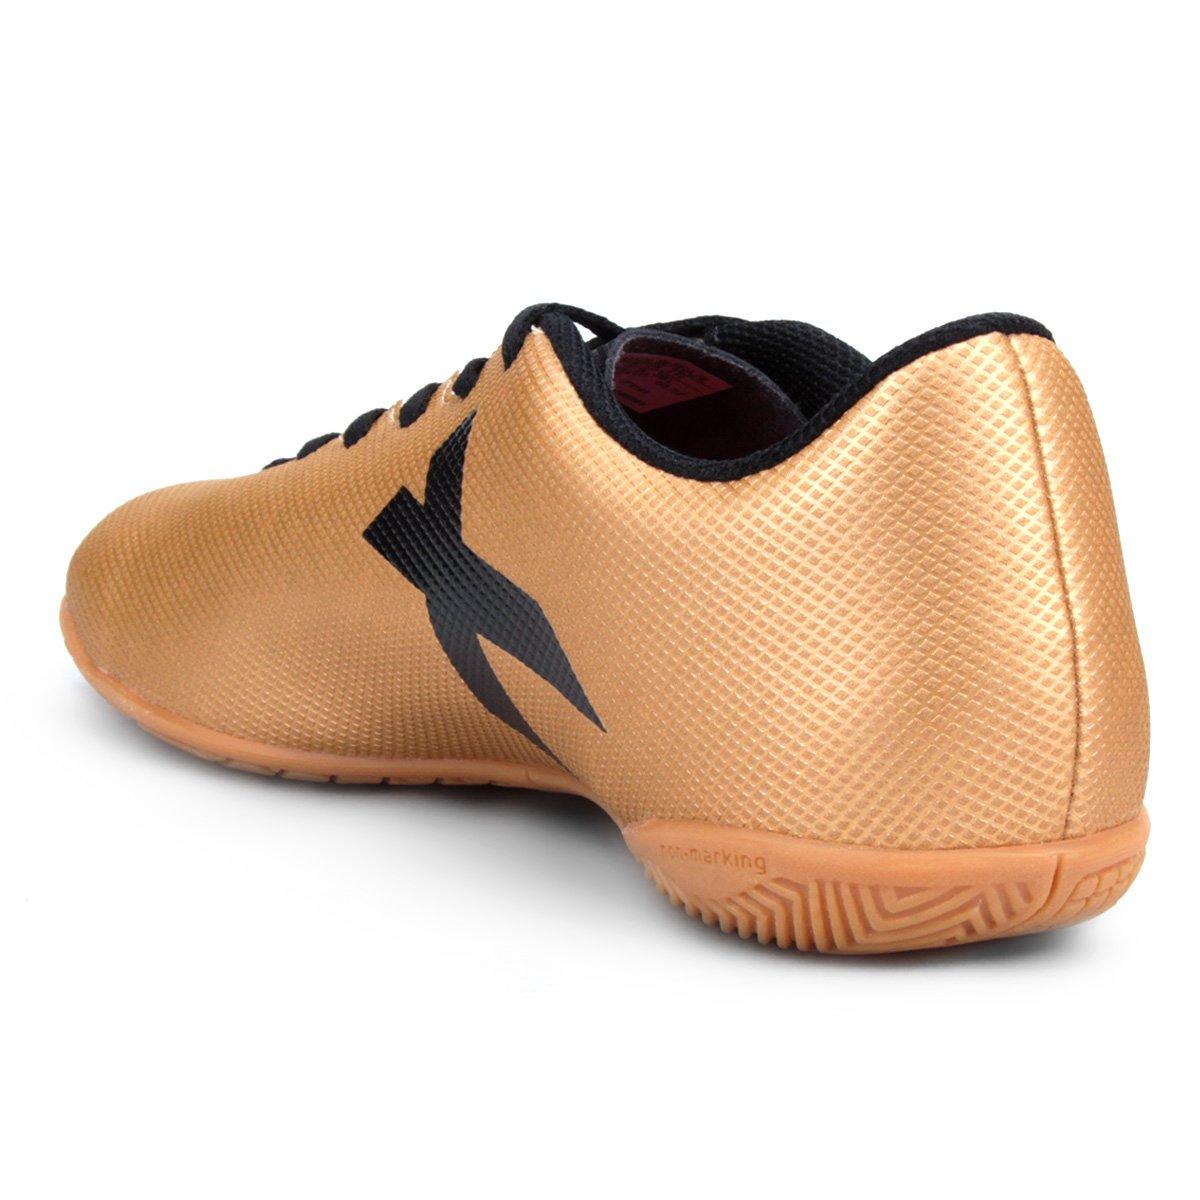 8e7c1e81d4 Chuteira Futsal Adidas X 17 4 In - Dourado - Compre Agora